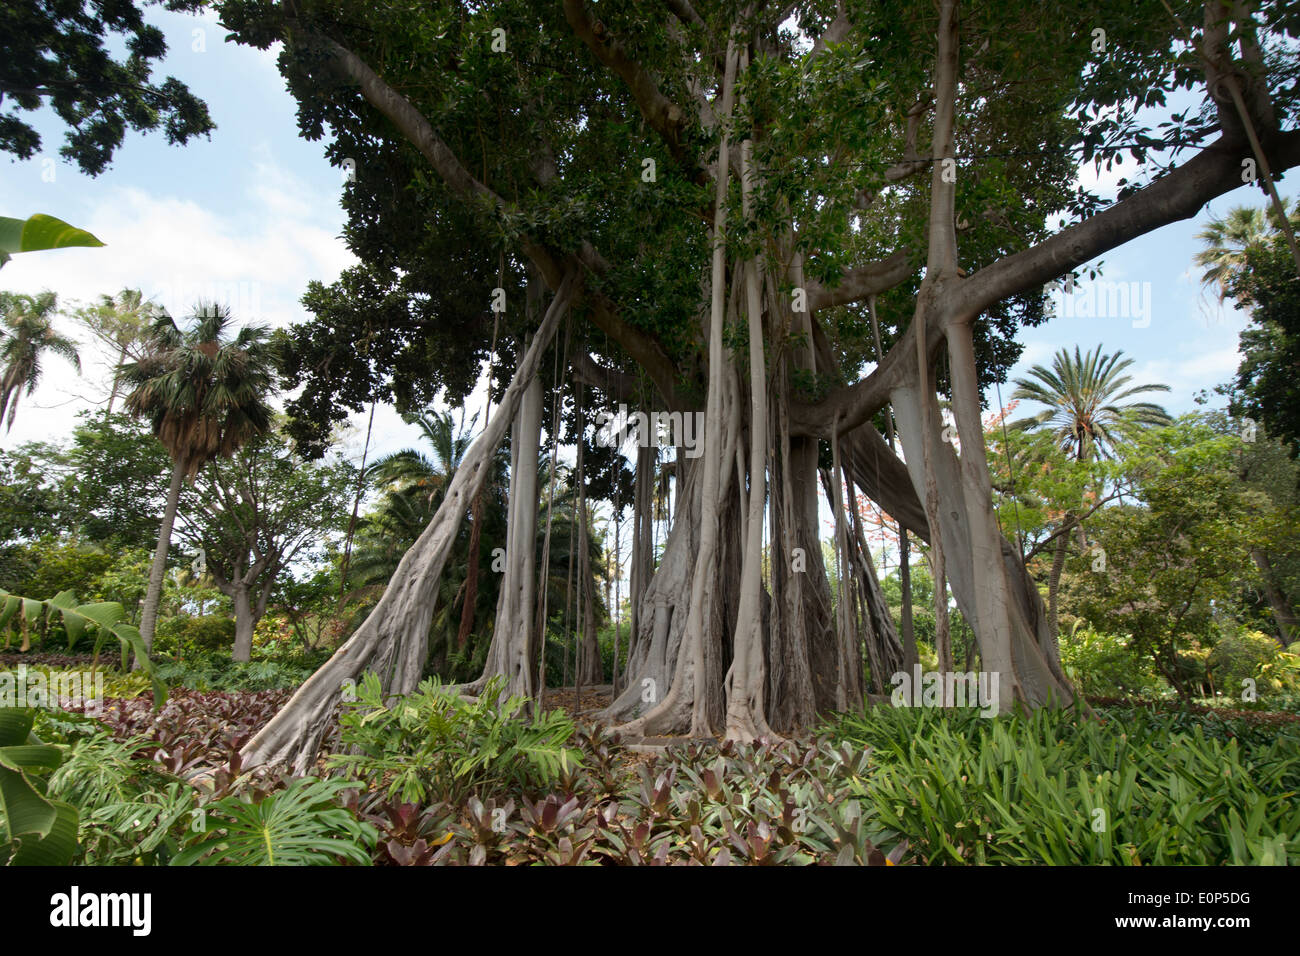 Ficus macrophylla, Botanical Gardens, Puerto de la Cruz, l'île de Tenerife, Canaries, Espagne, Europe Banque D'Images